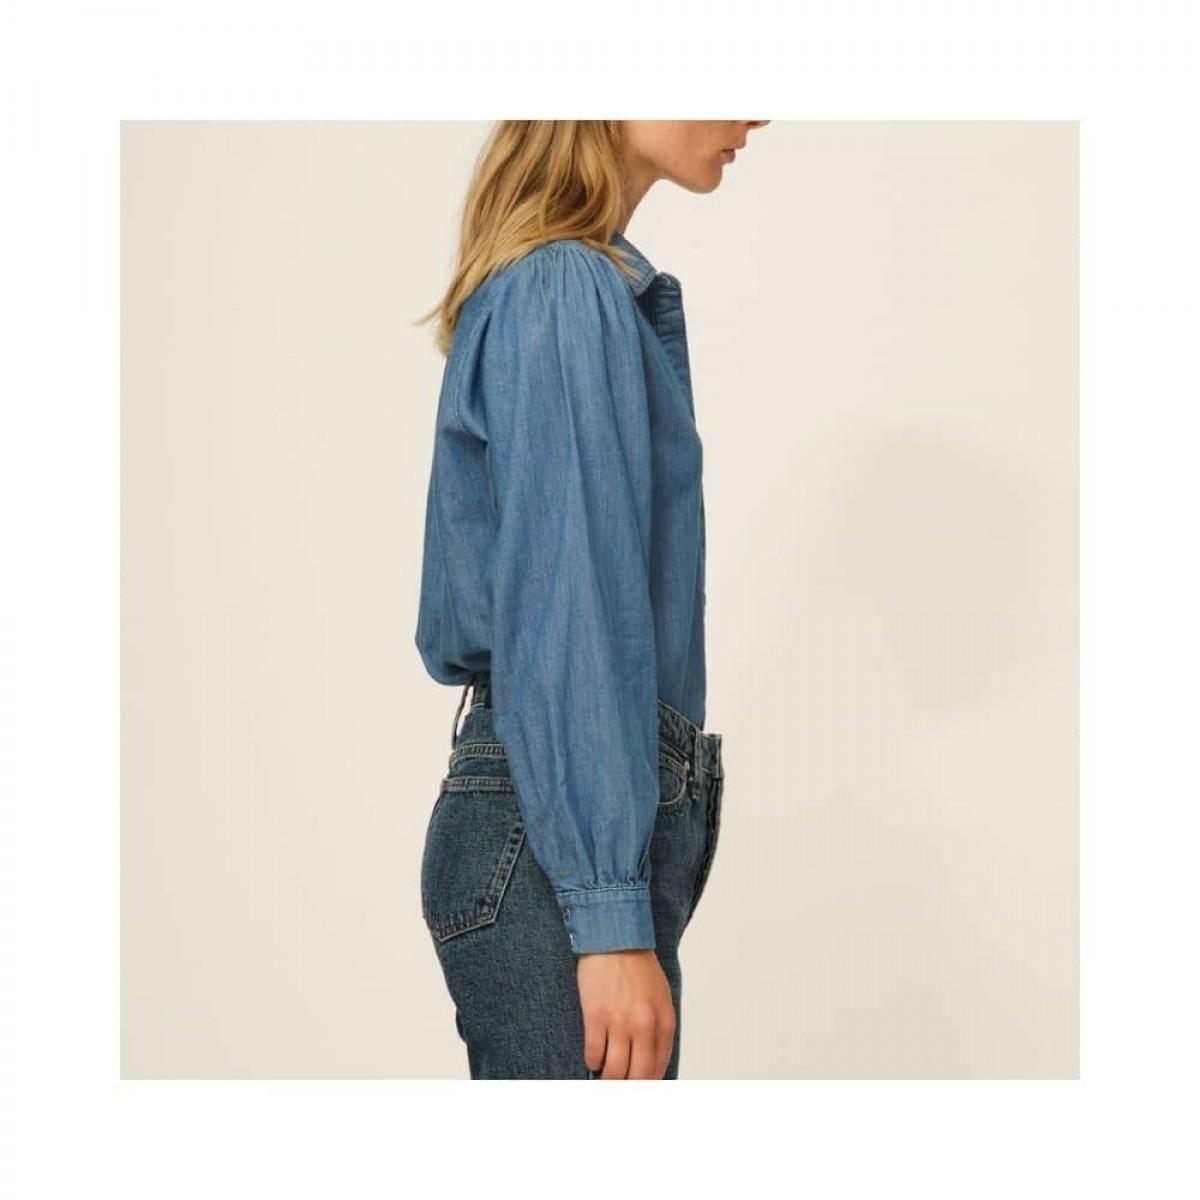 hepburn 70's skjorte - denim blue - model fra siden